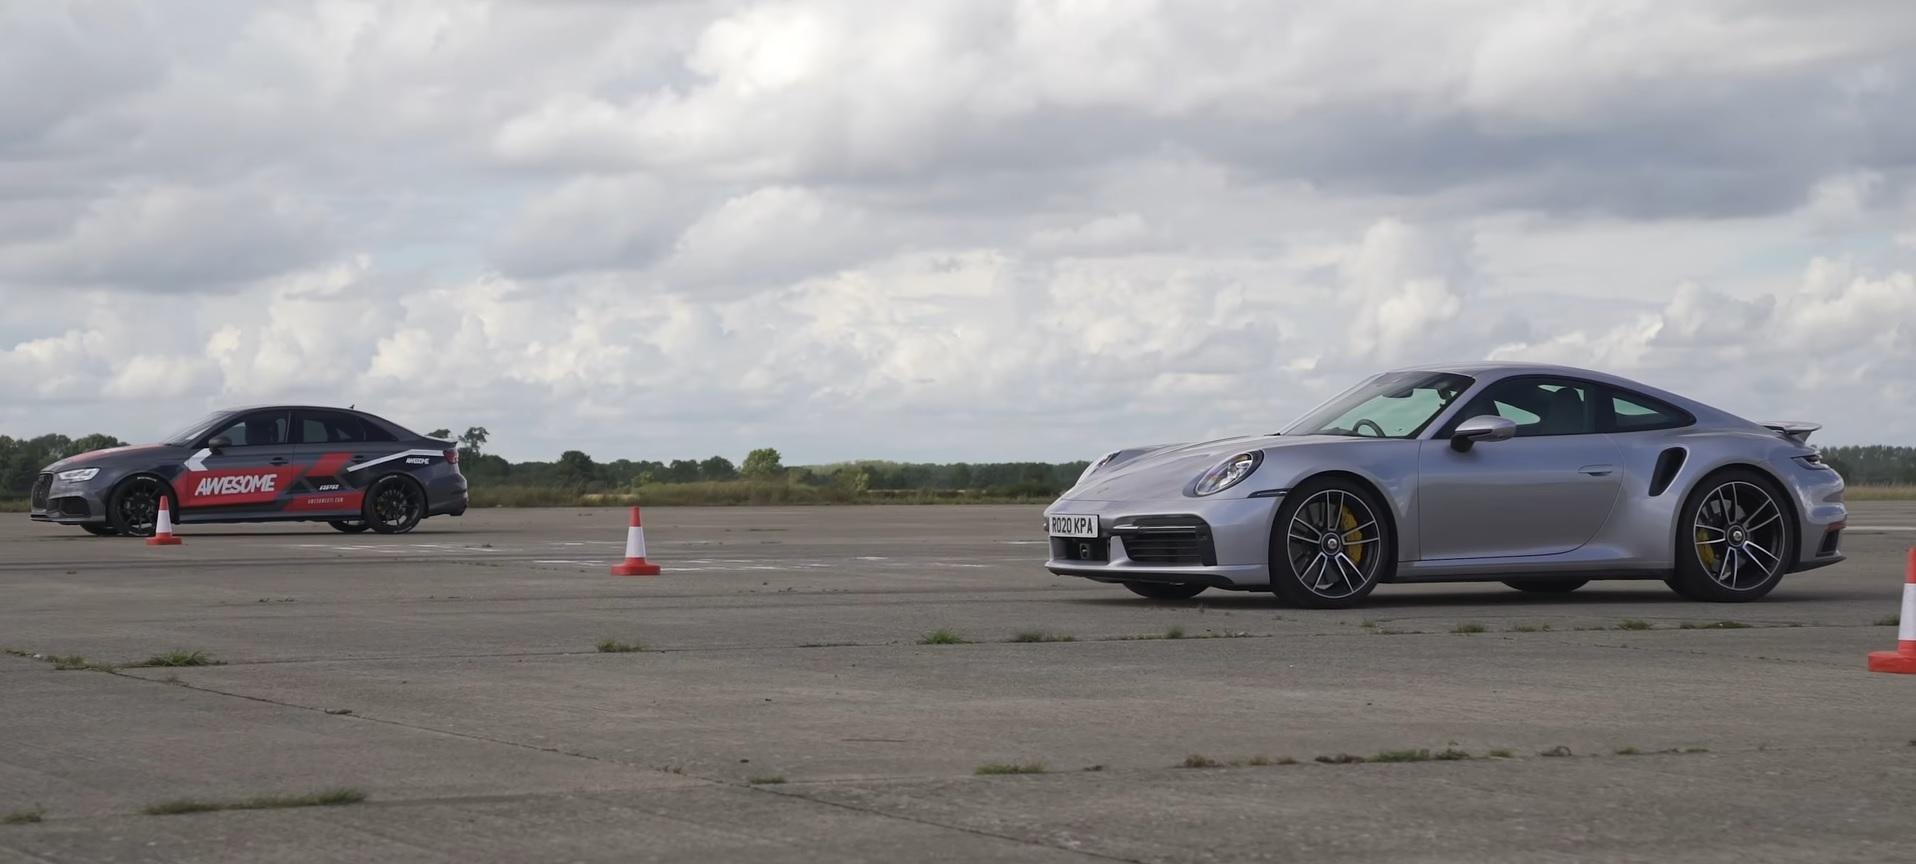 Porsche 911 Turbo S vs Audi RS3 716 HP